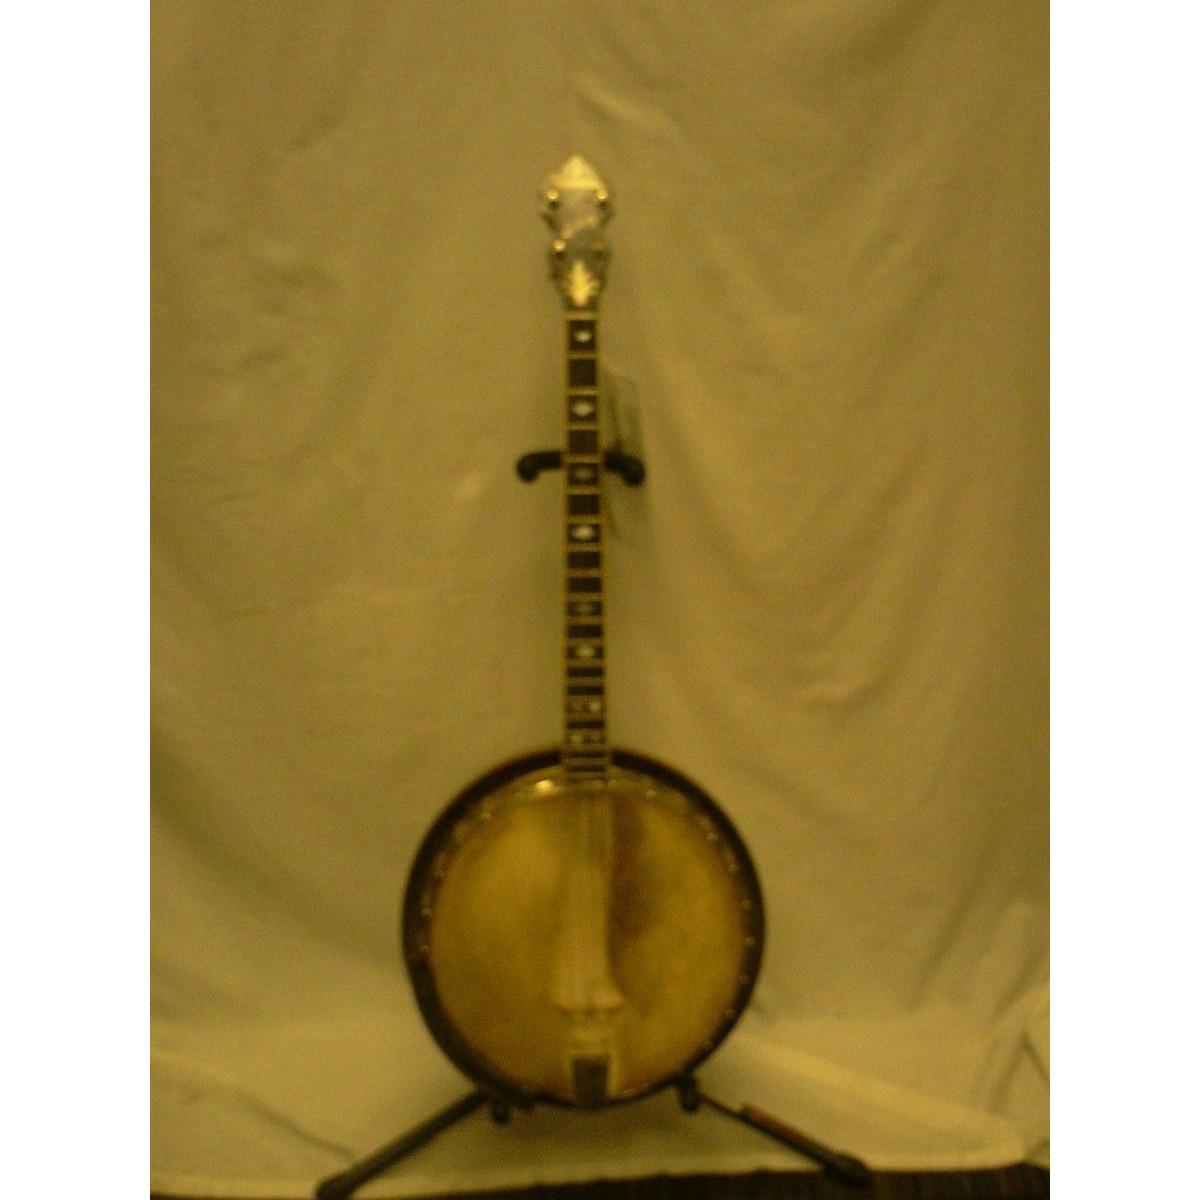 Weymann 1920s 1920's 50 Banjo OHSC Banjo